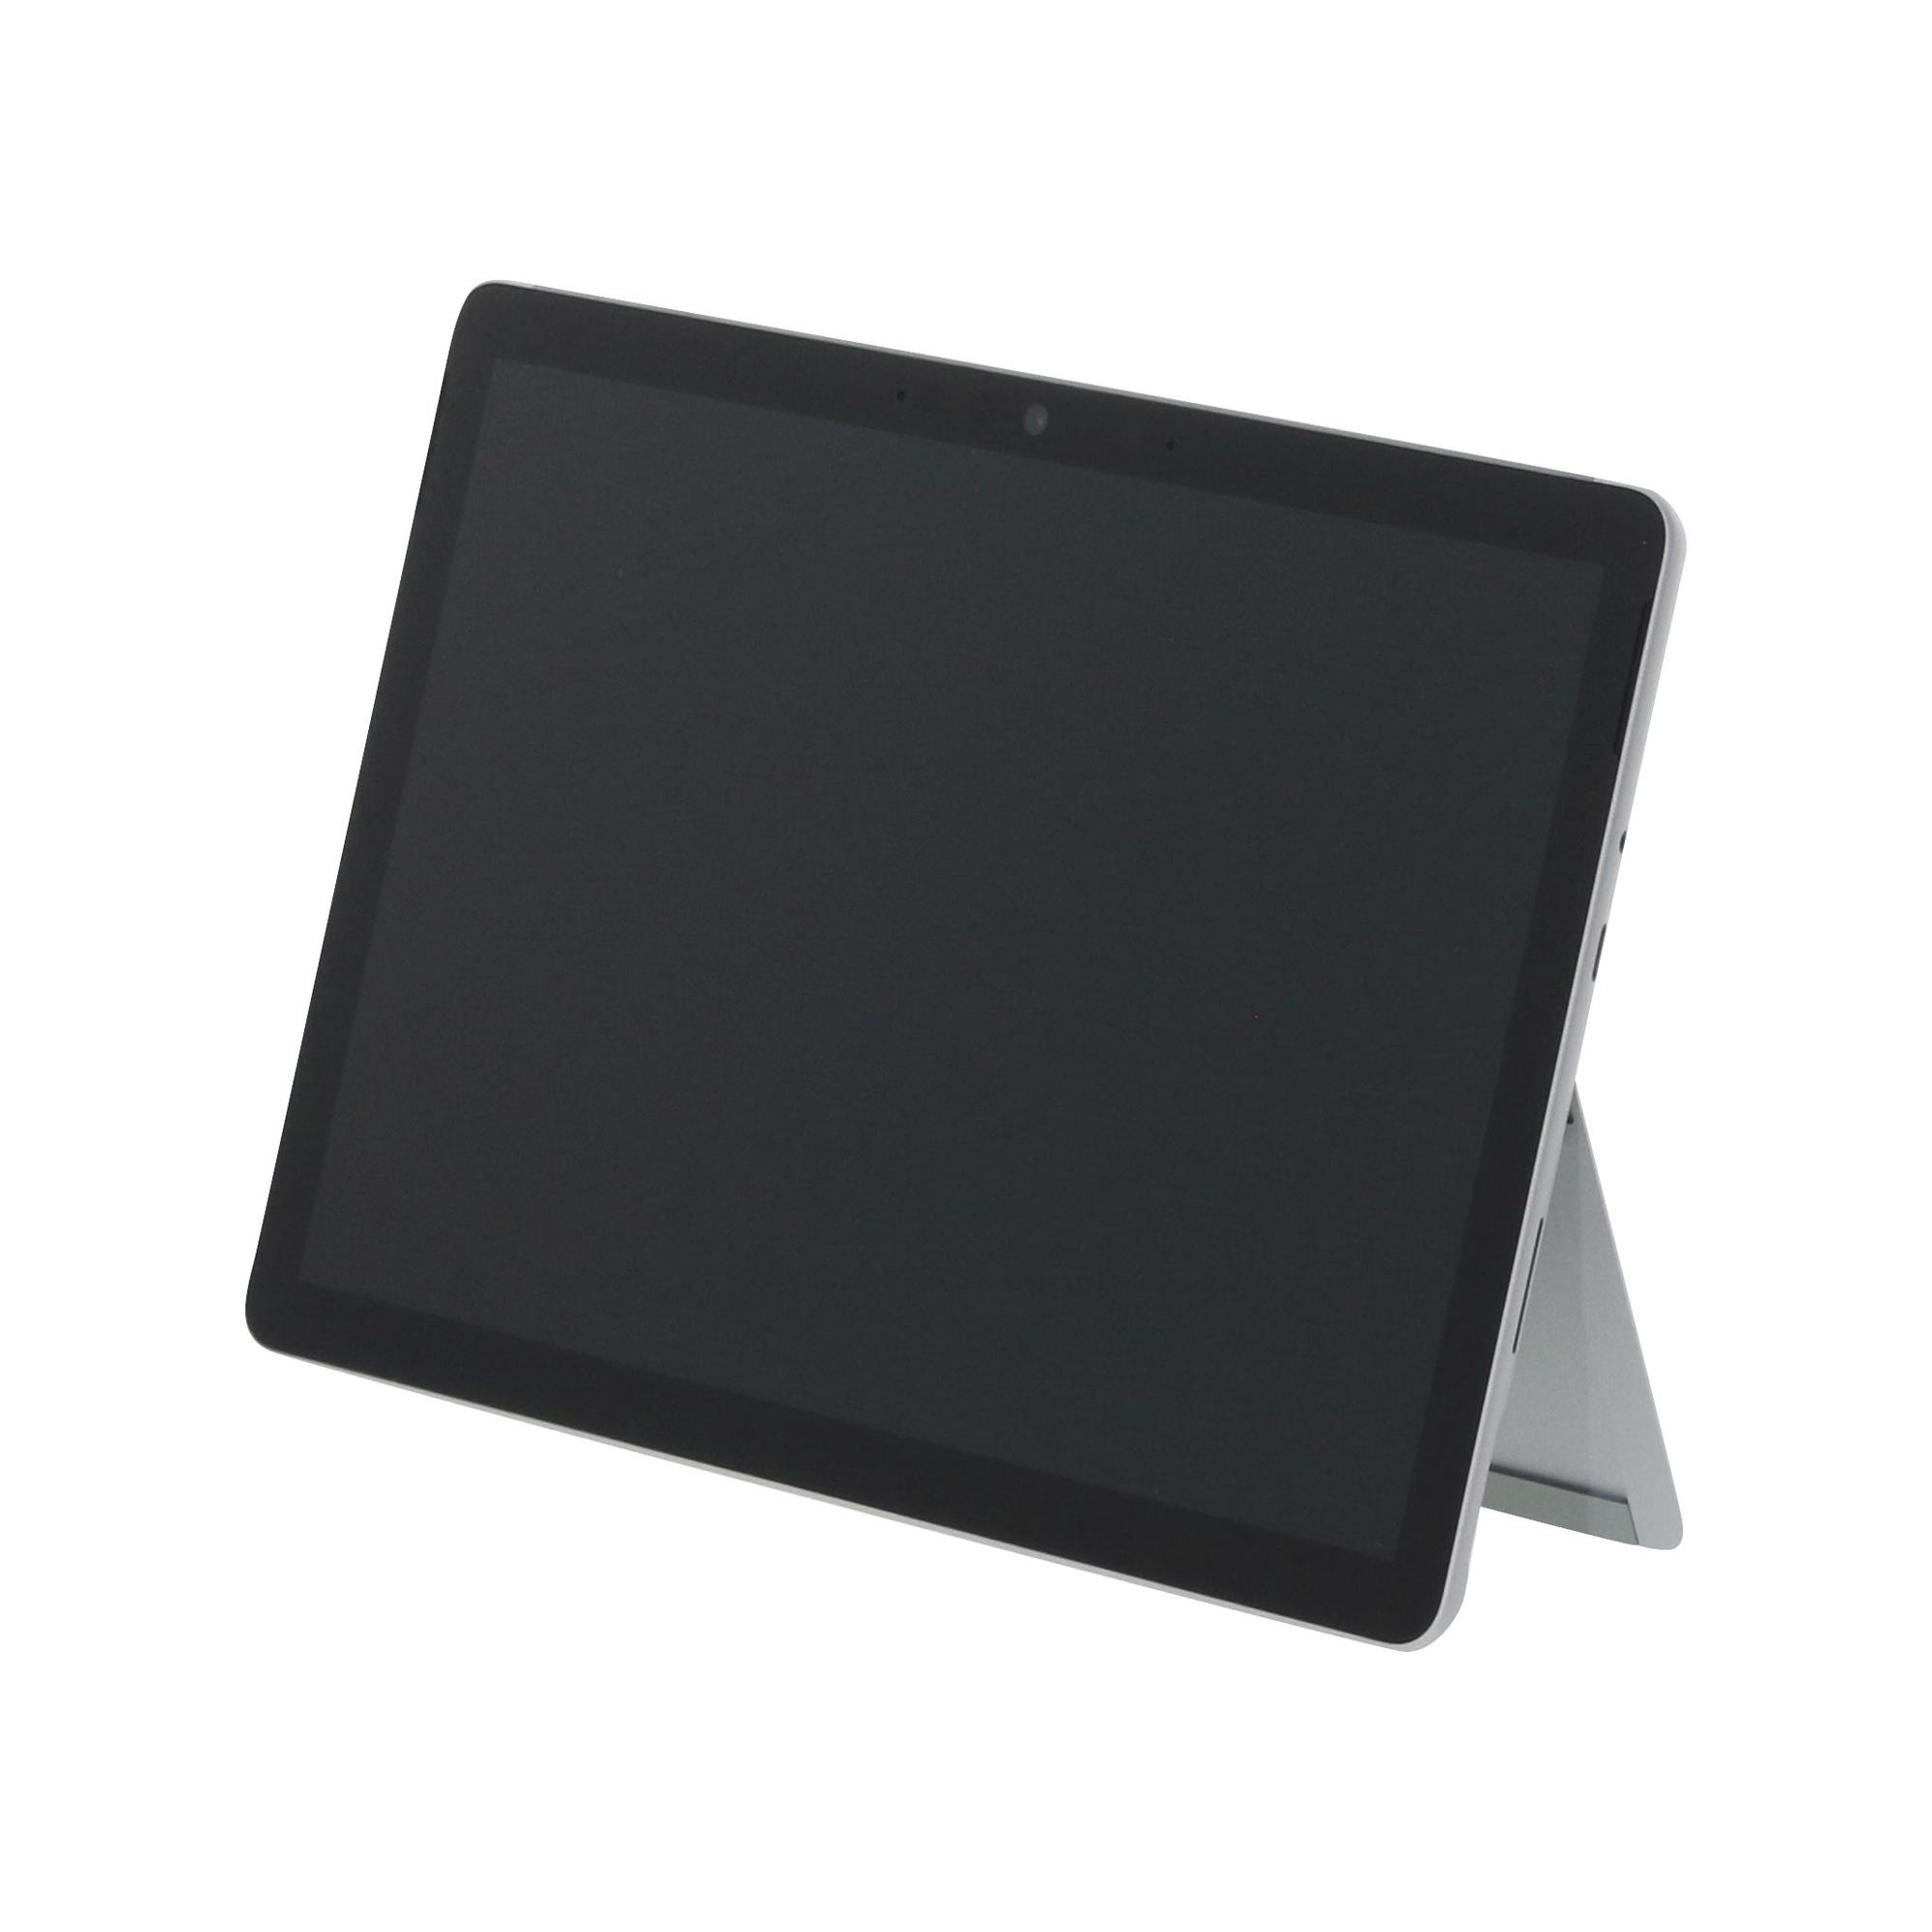 タブレットPC 10.5インチ 室内環境測定セット IES-5000用